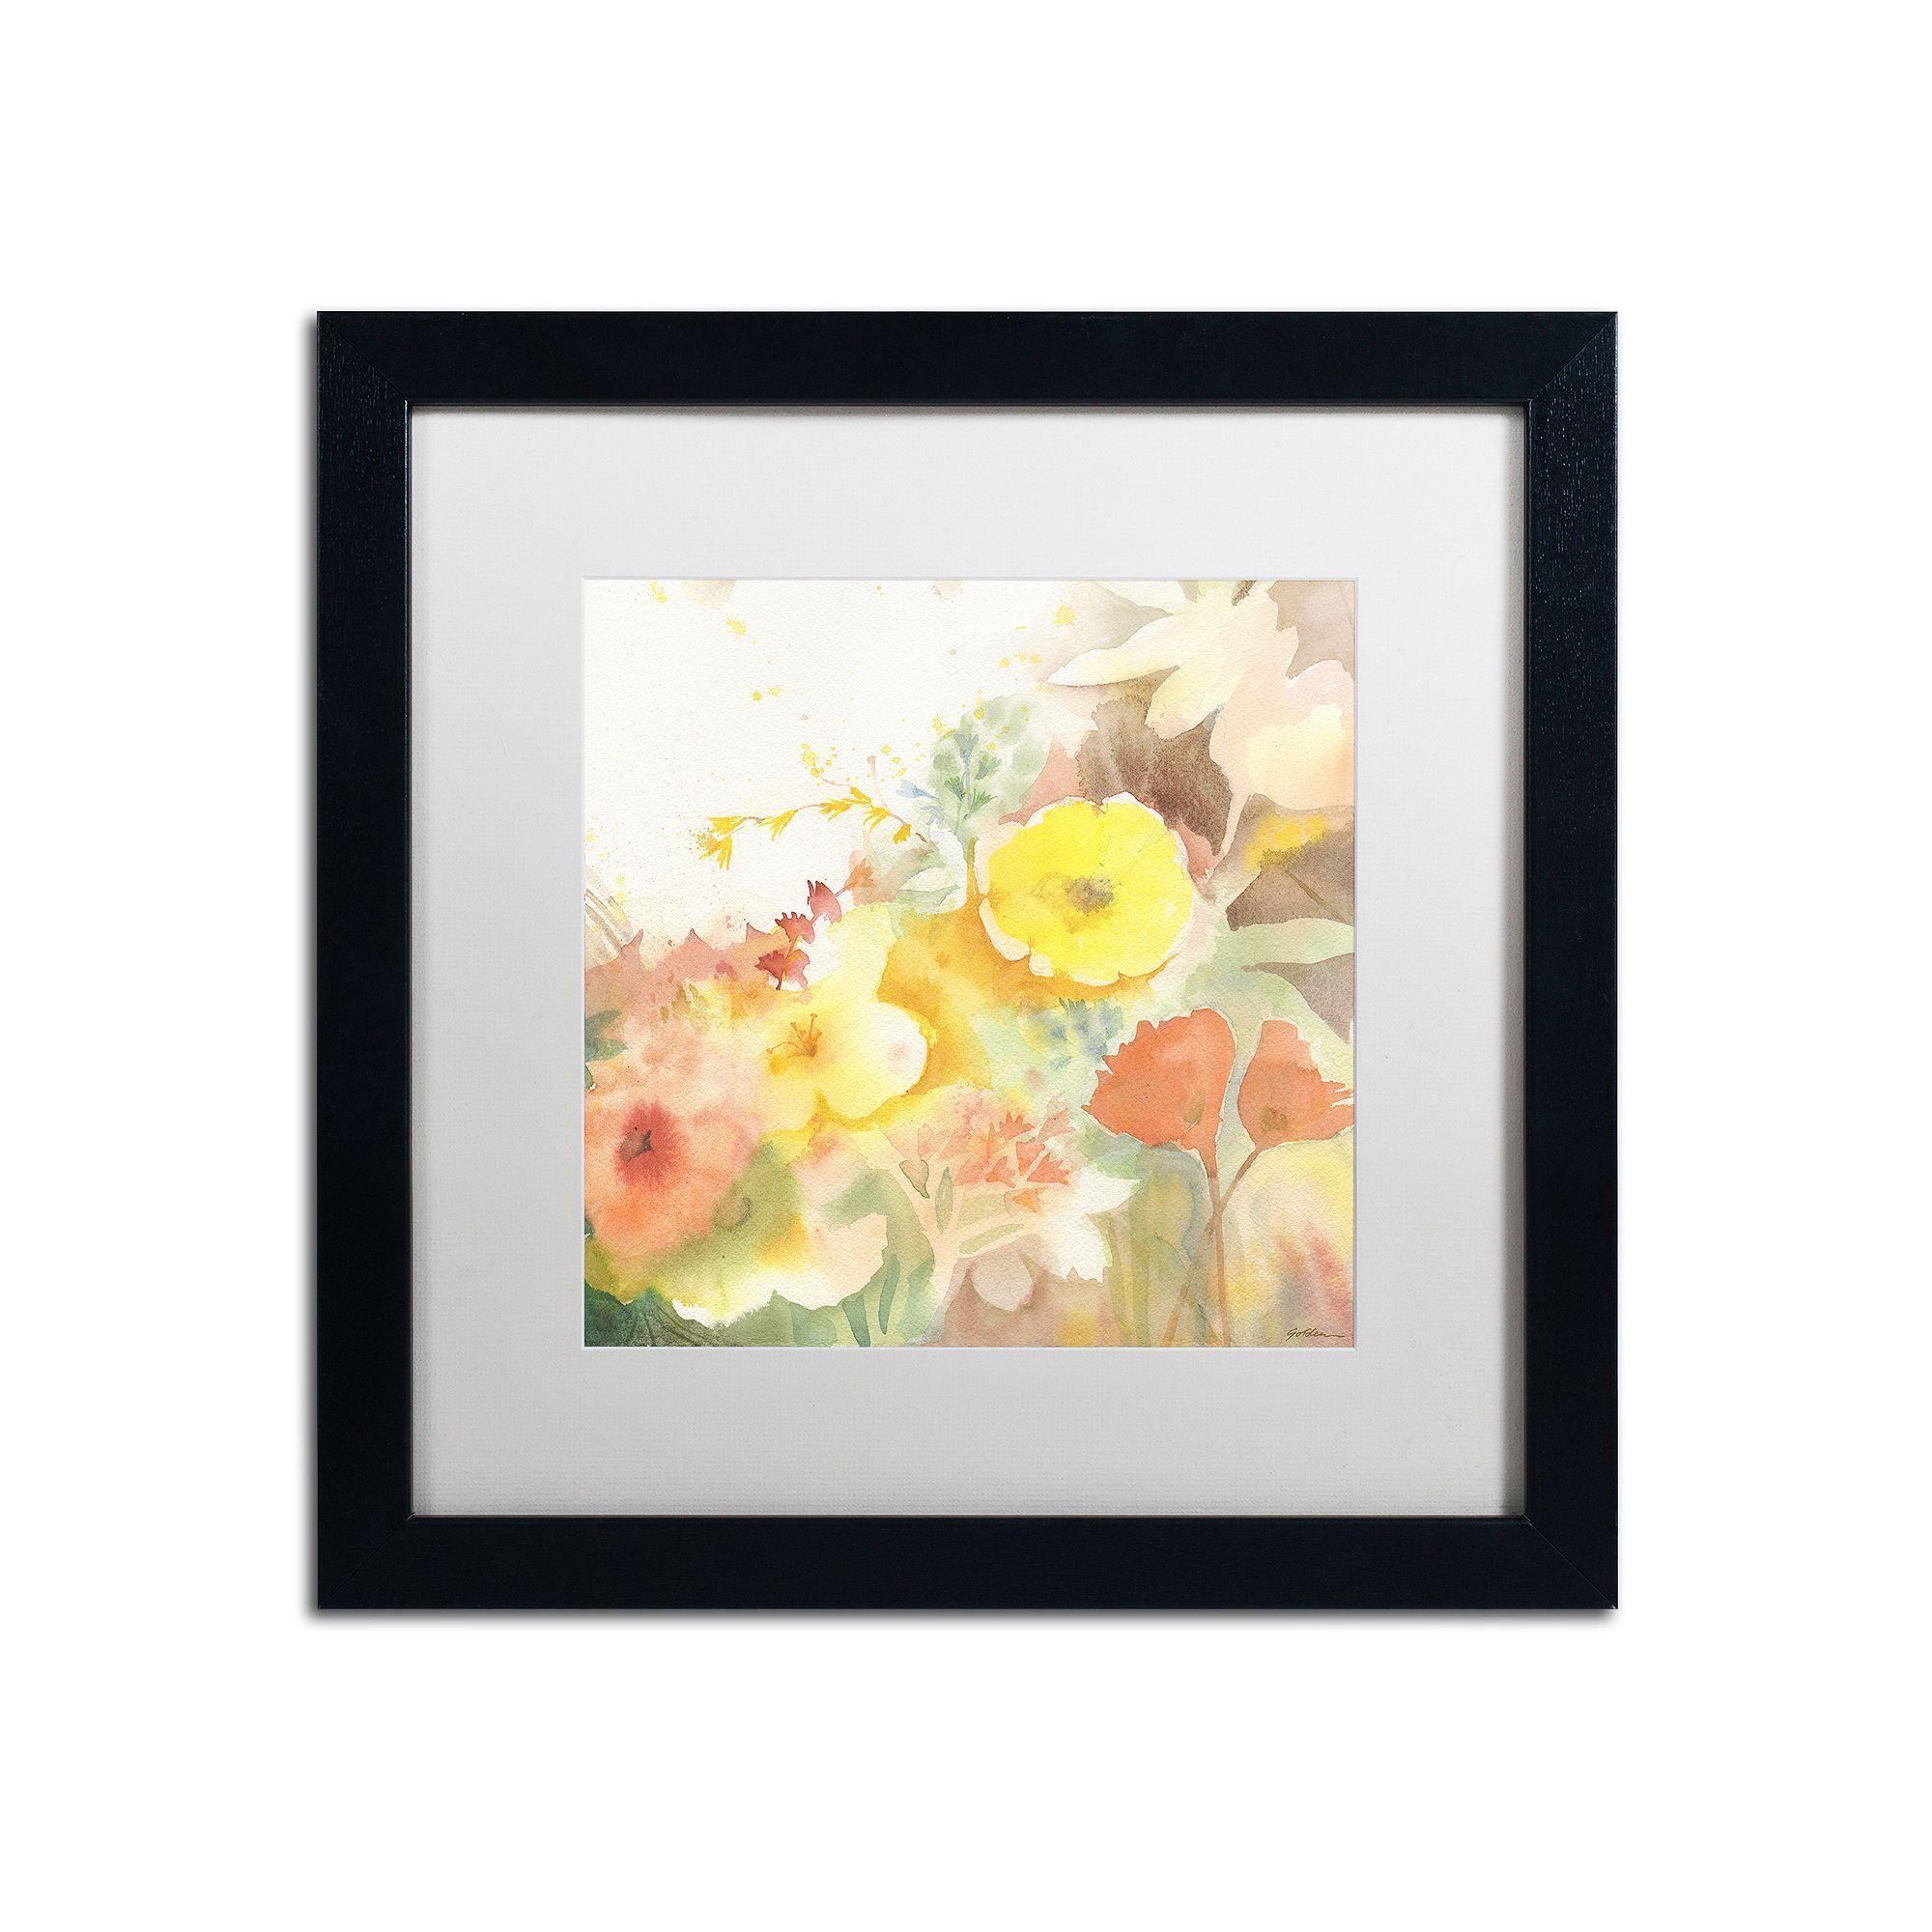 Trademark Fine Art Yellow Path Framed Wall Art | Framed wall art and ...